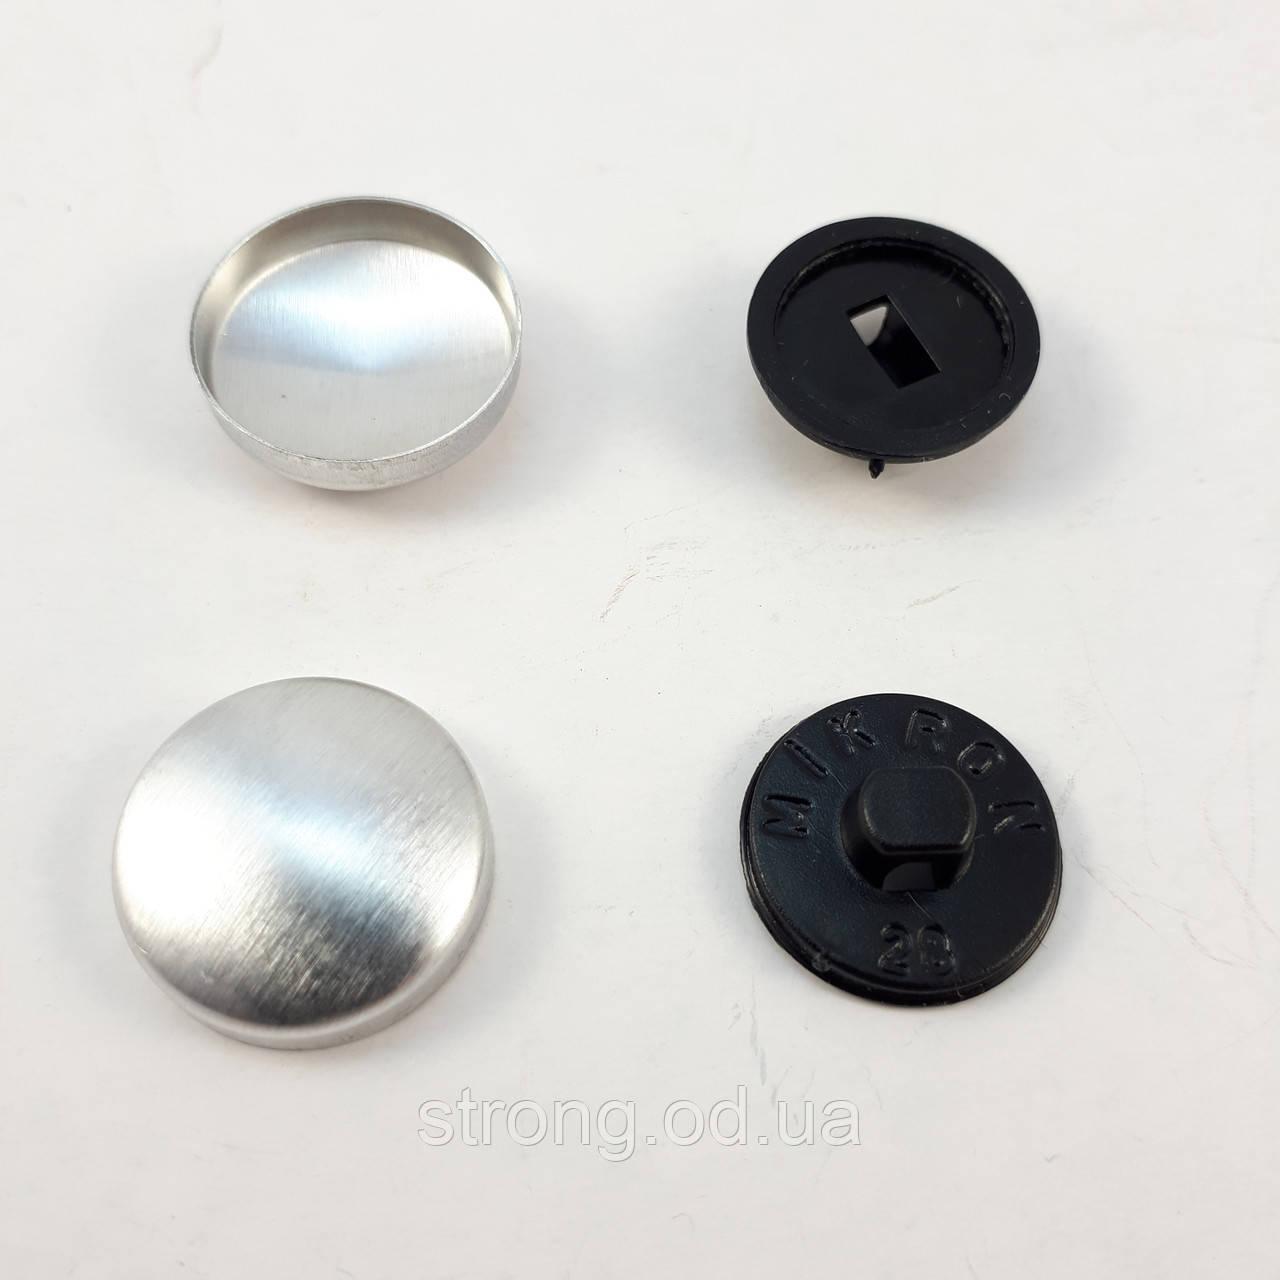 Пуговица под обтяжку на пластиковой ножке №28 - 16,5 мм Черная